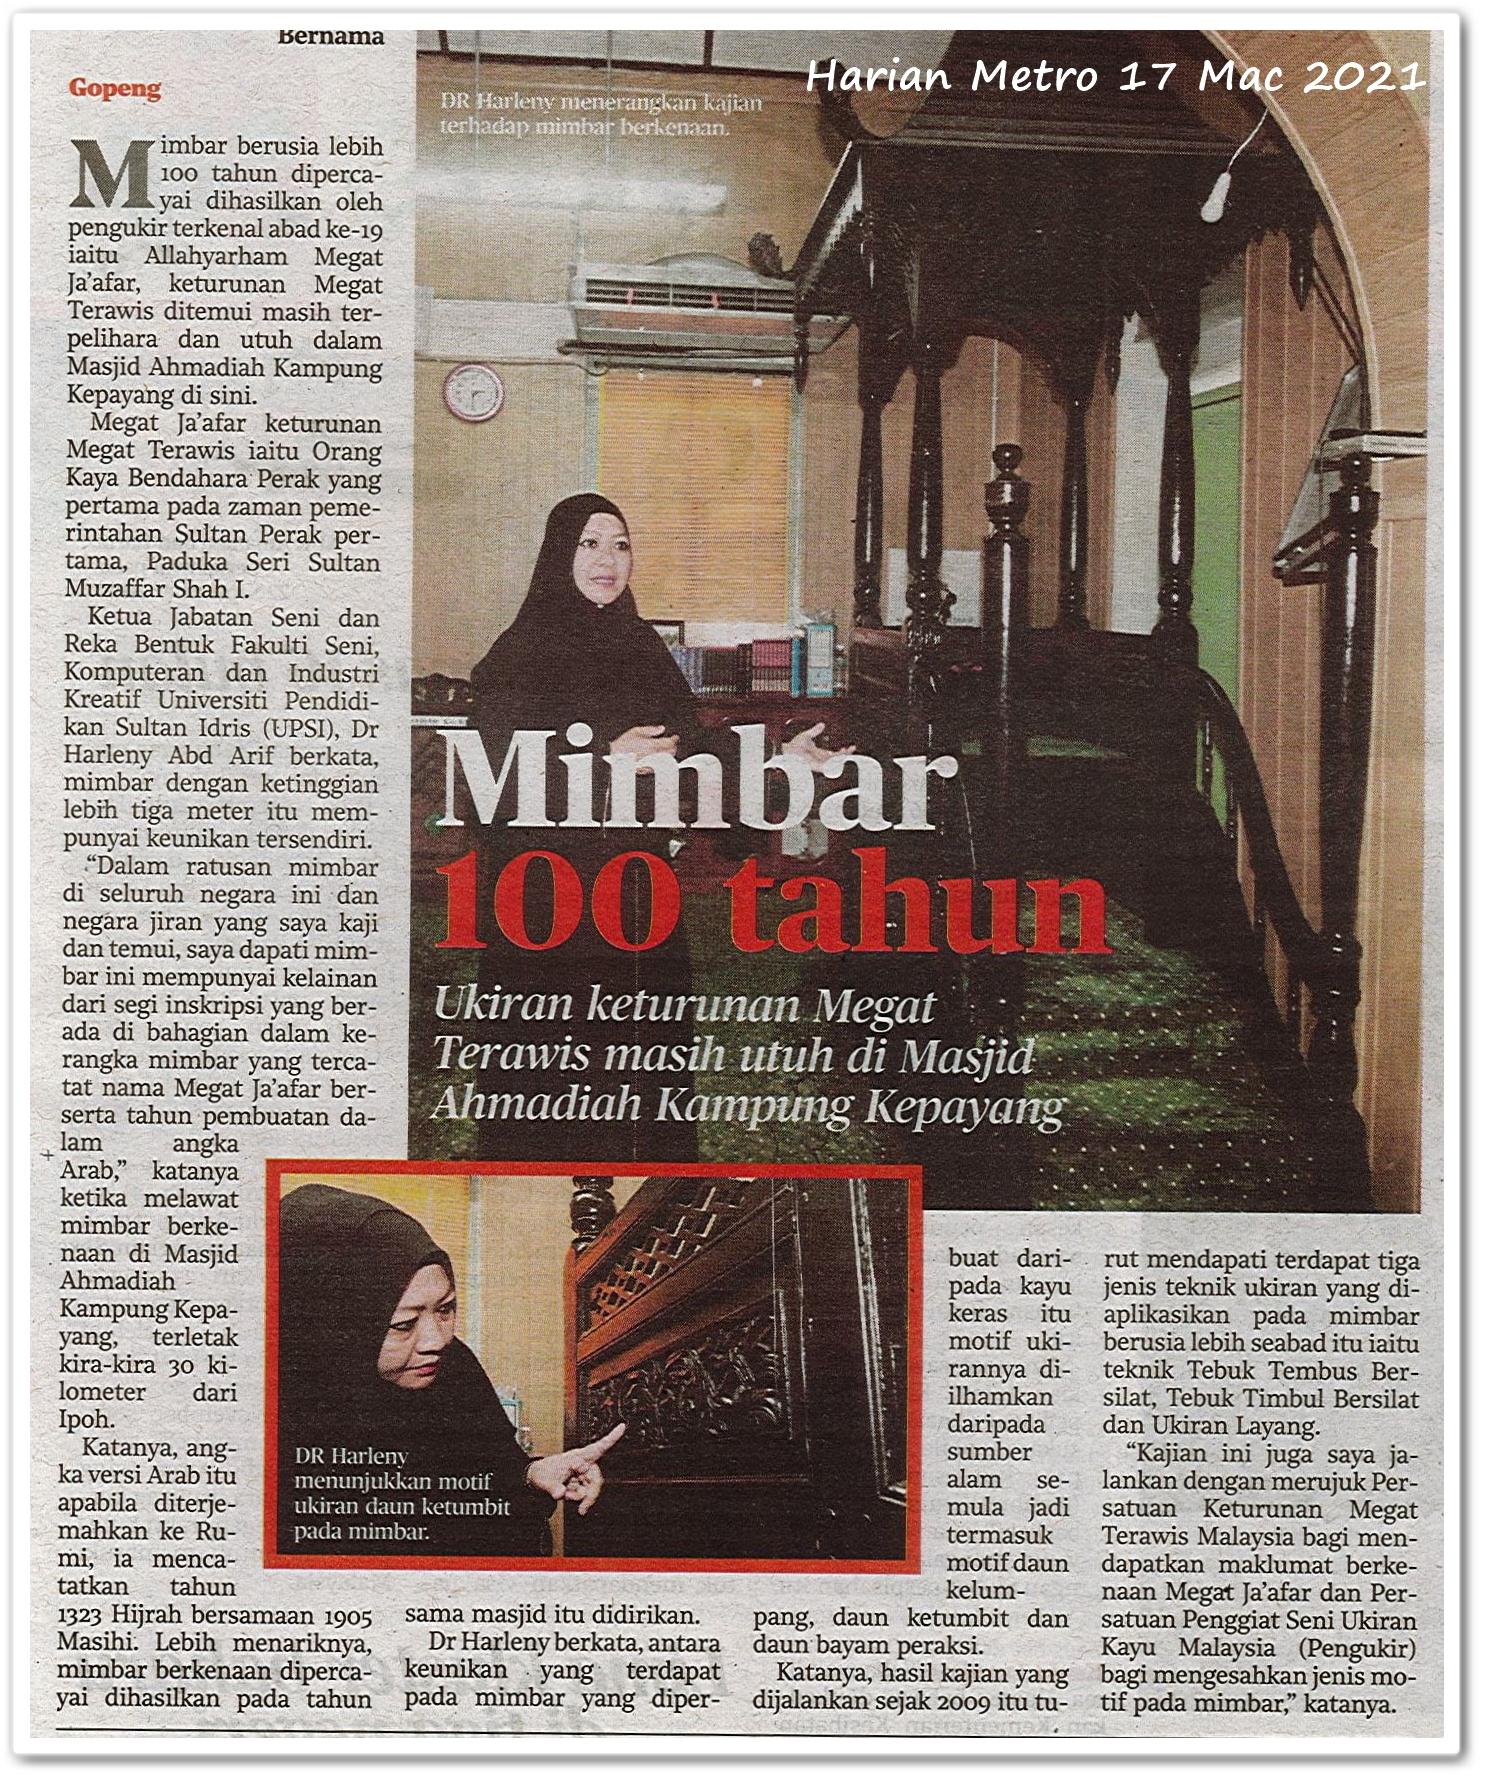 Mimbar 100 tahun | Ukiran keturunan Megat Terawis masih utuh di Masjid Ahmadiah Kampung Kepayang - Keratan akhbar Harian Metro 17 Mac 2021